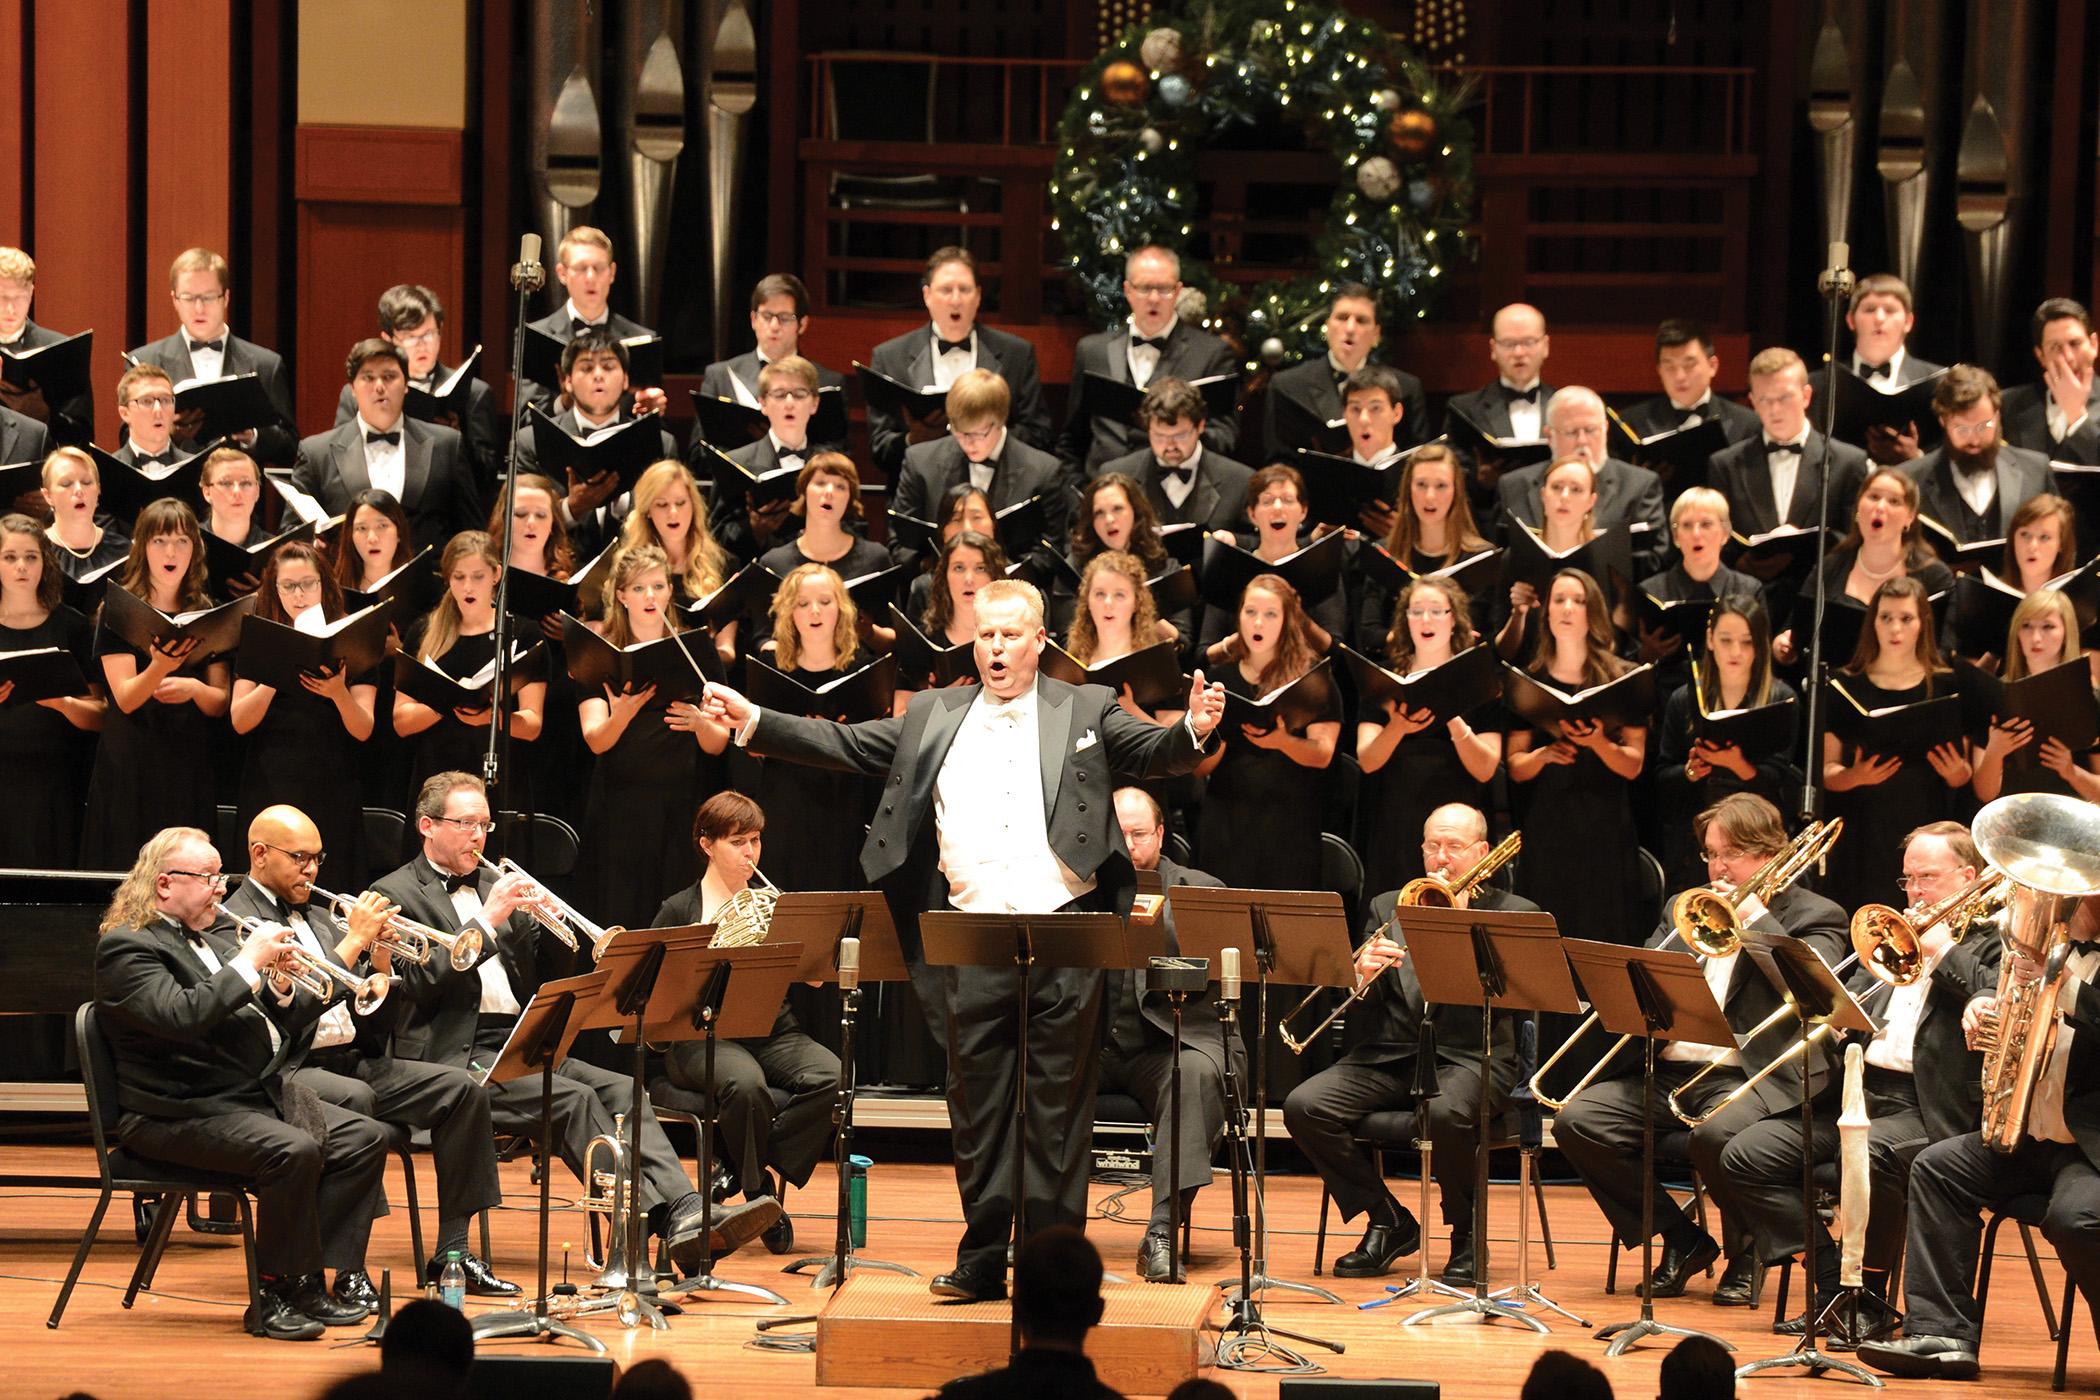 http://clynemedia.com/audiotechnica/NWU/NWU_Choir.jpg